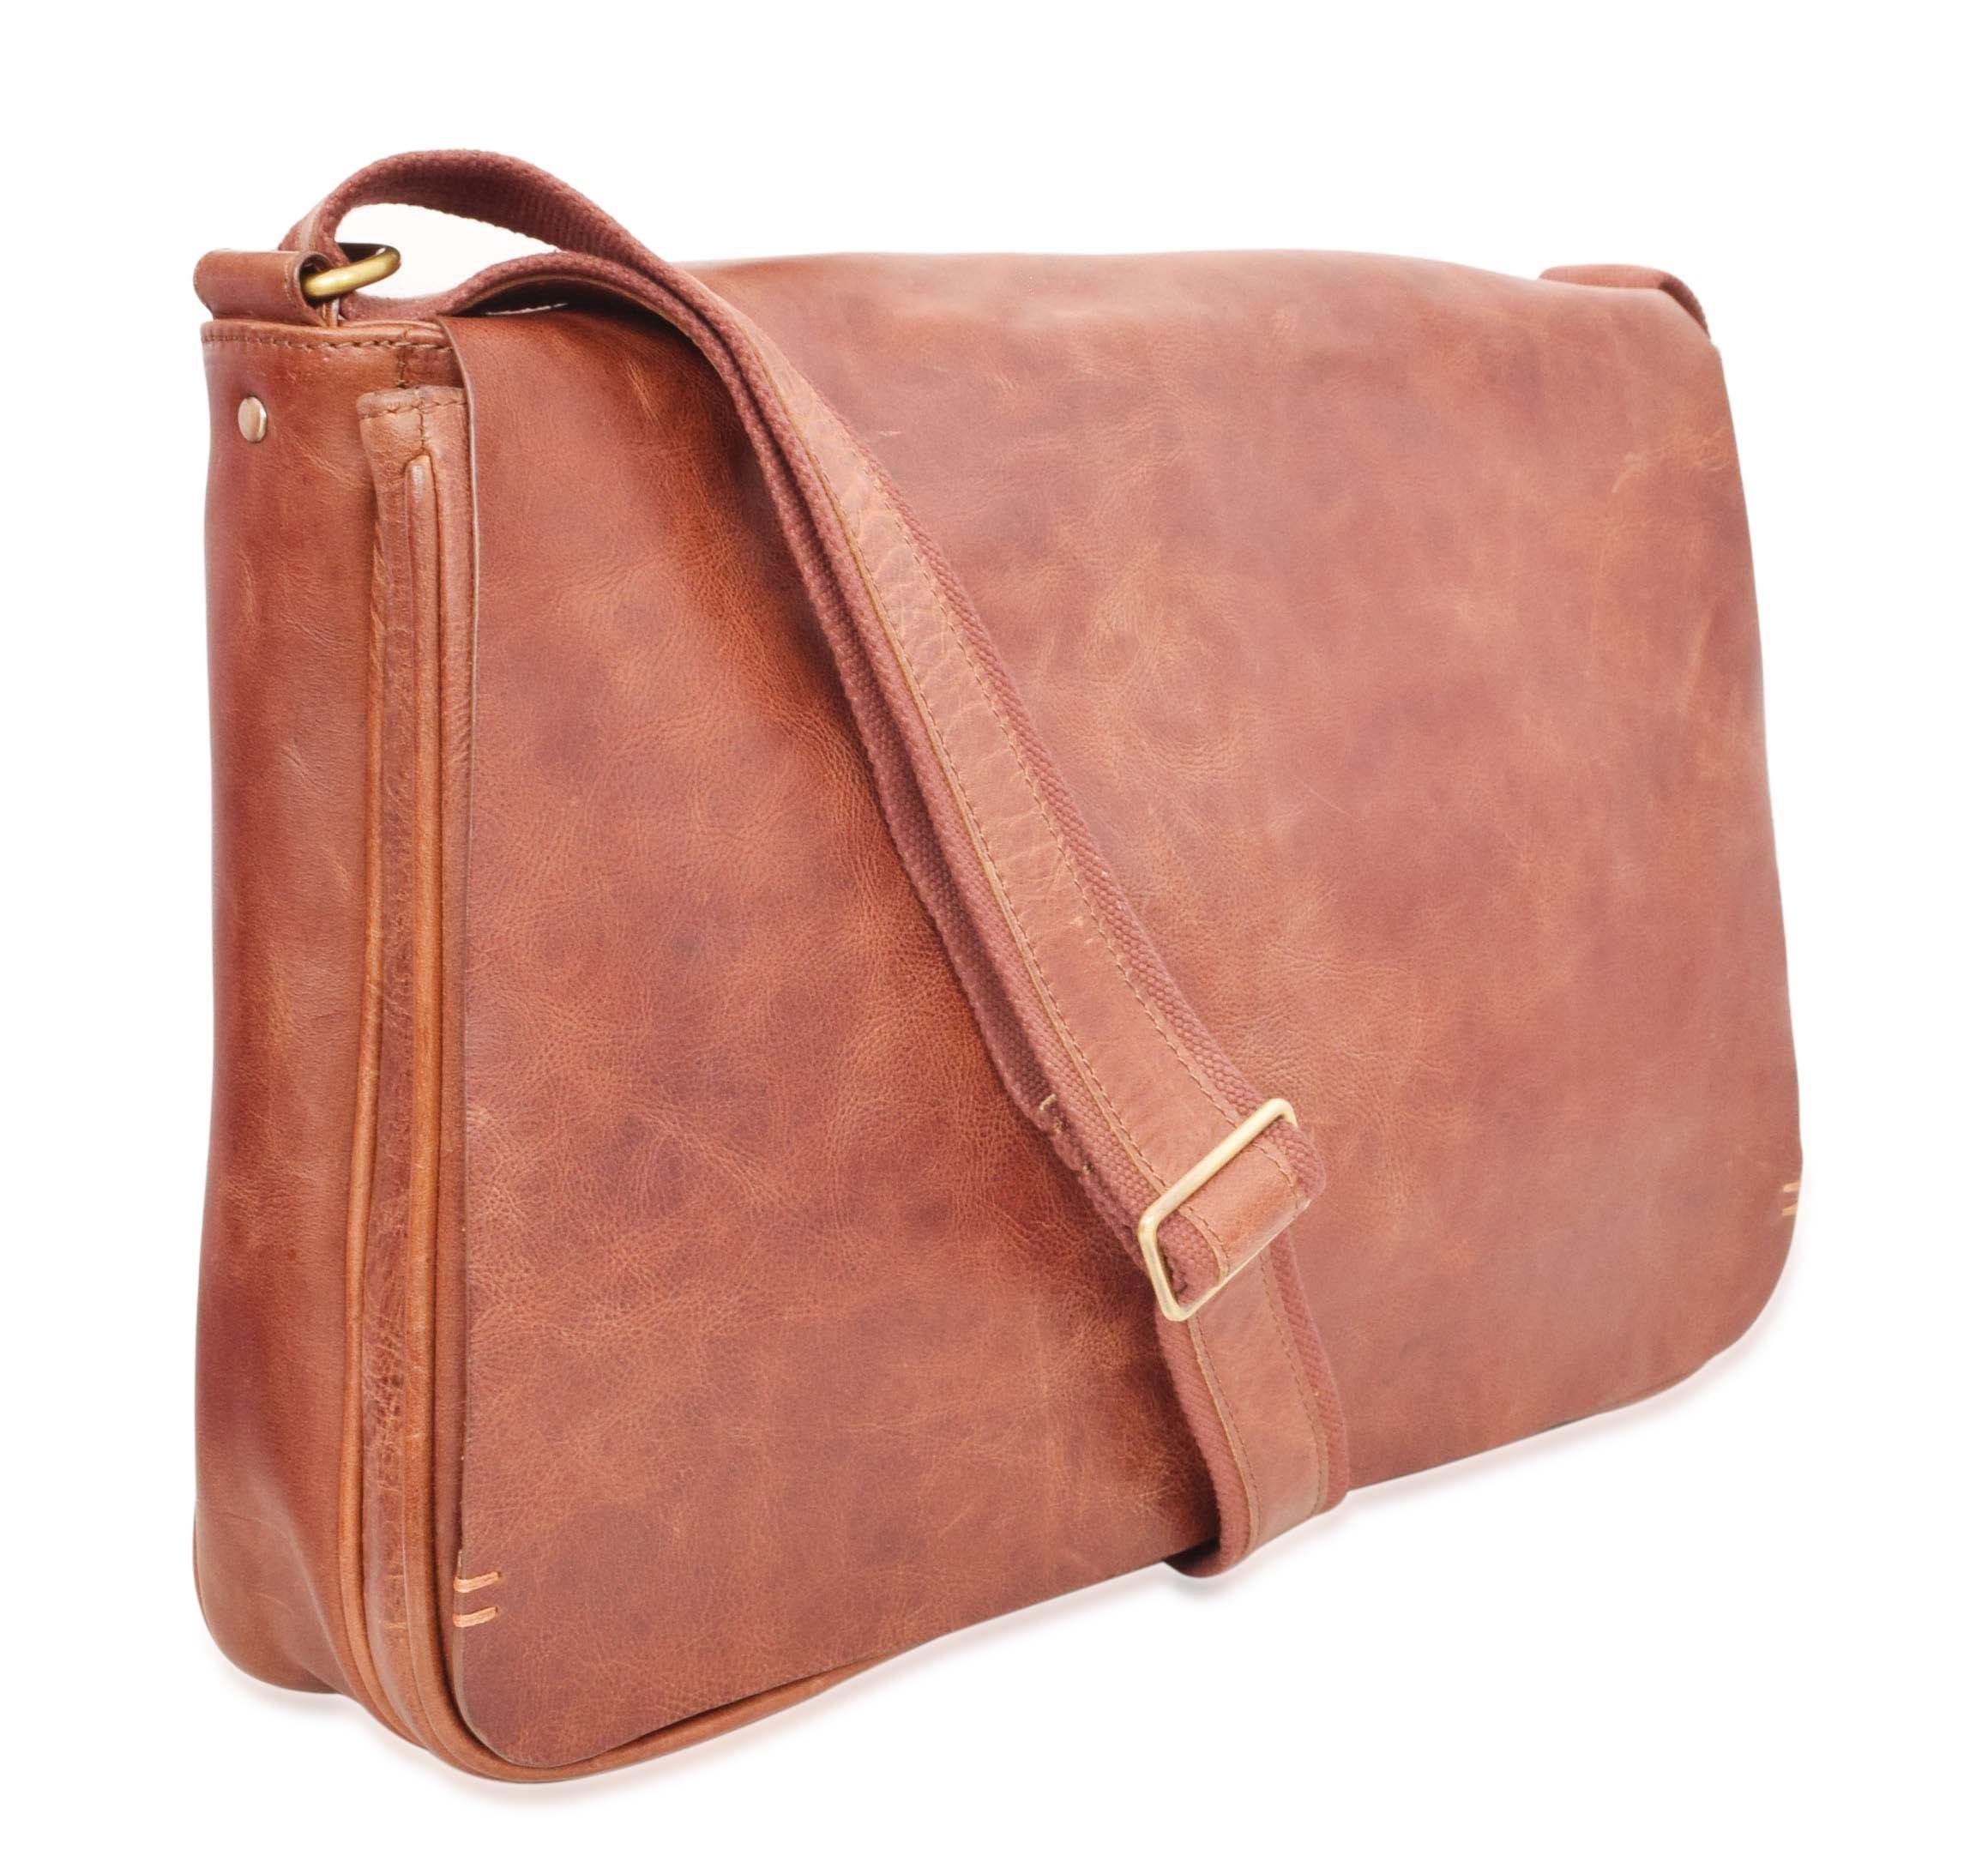 Men's Vintage Leather Messenger Bag With Laptop Sleeve 12H x 3.50D x 16W inches Cognac V-élan